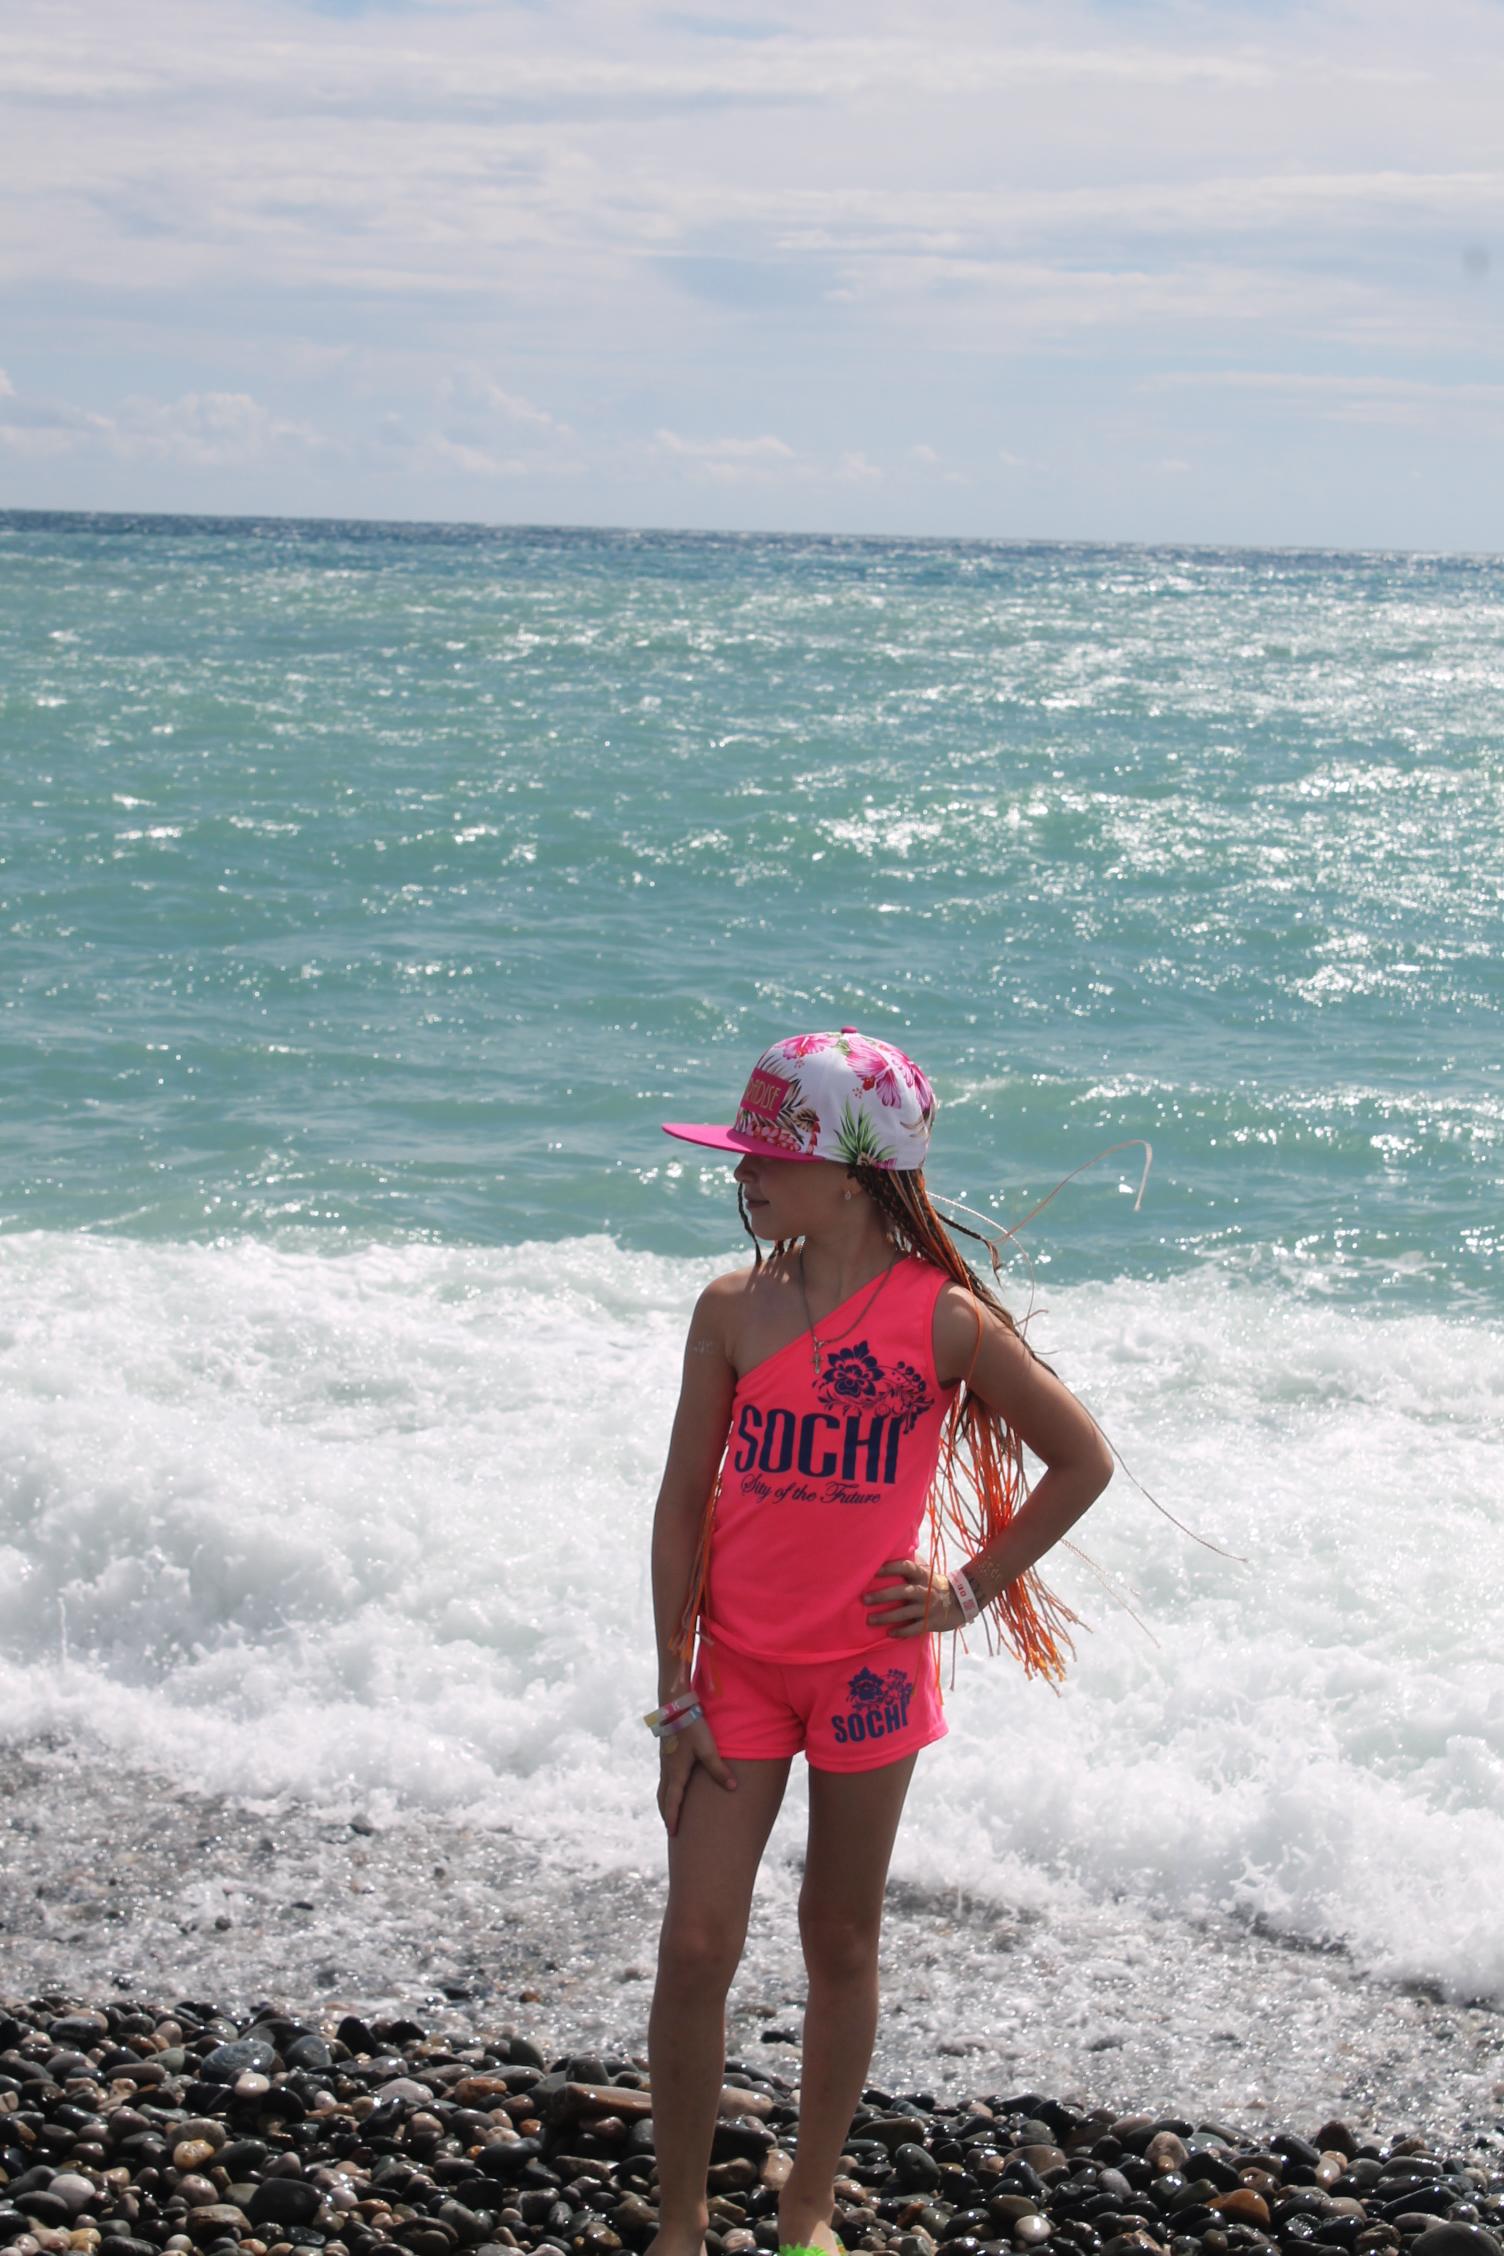 Черное море.Привет из отпуска.. Привет из отпуска!